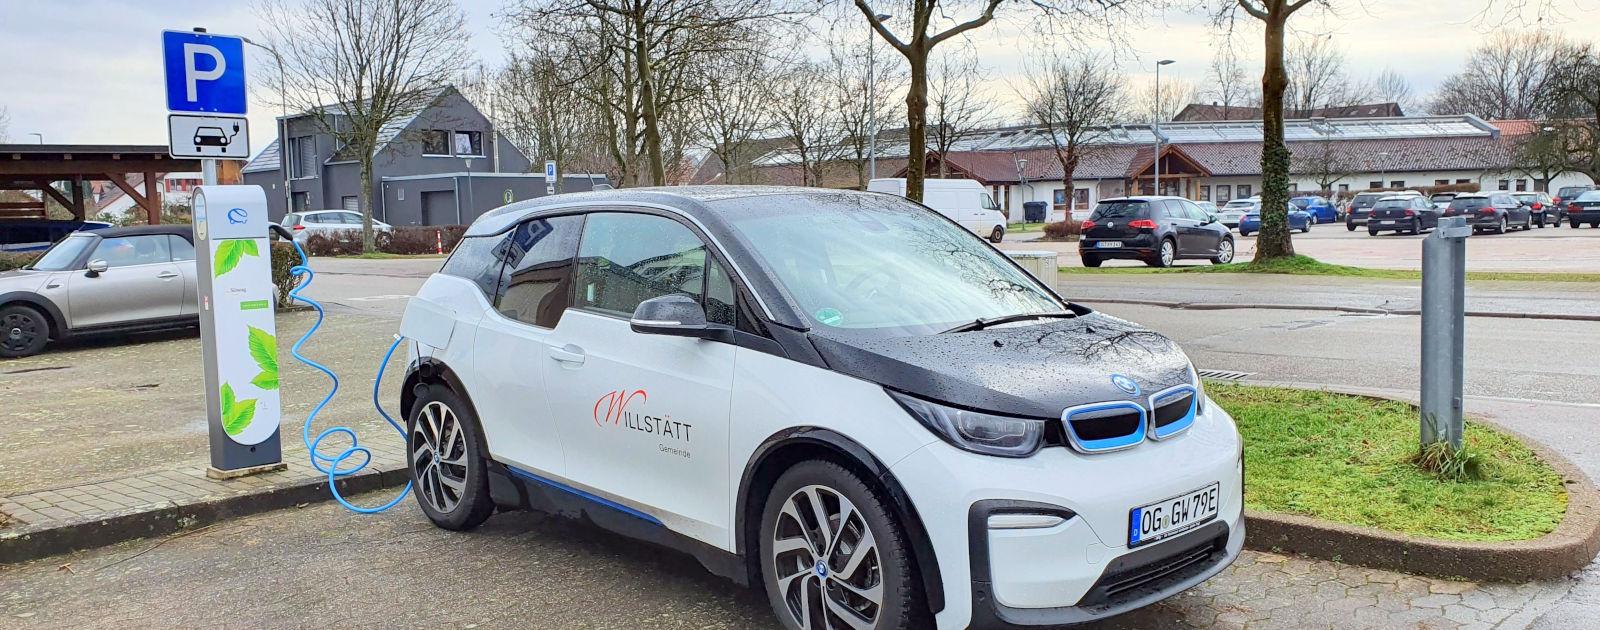 E-Auto der Gemeinde Willstätt an einer Ladestation auf dem Parkplatz gegenüber der Hanauerlandhalle in Willstätt